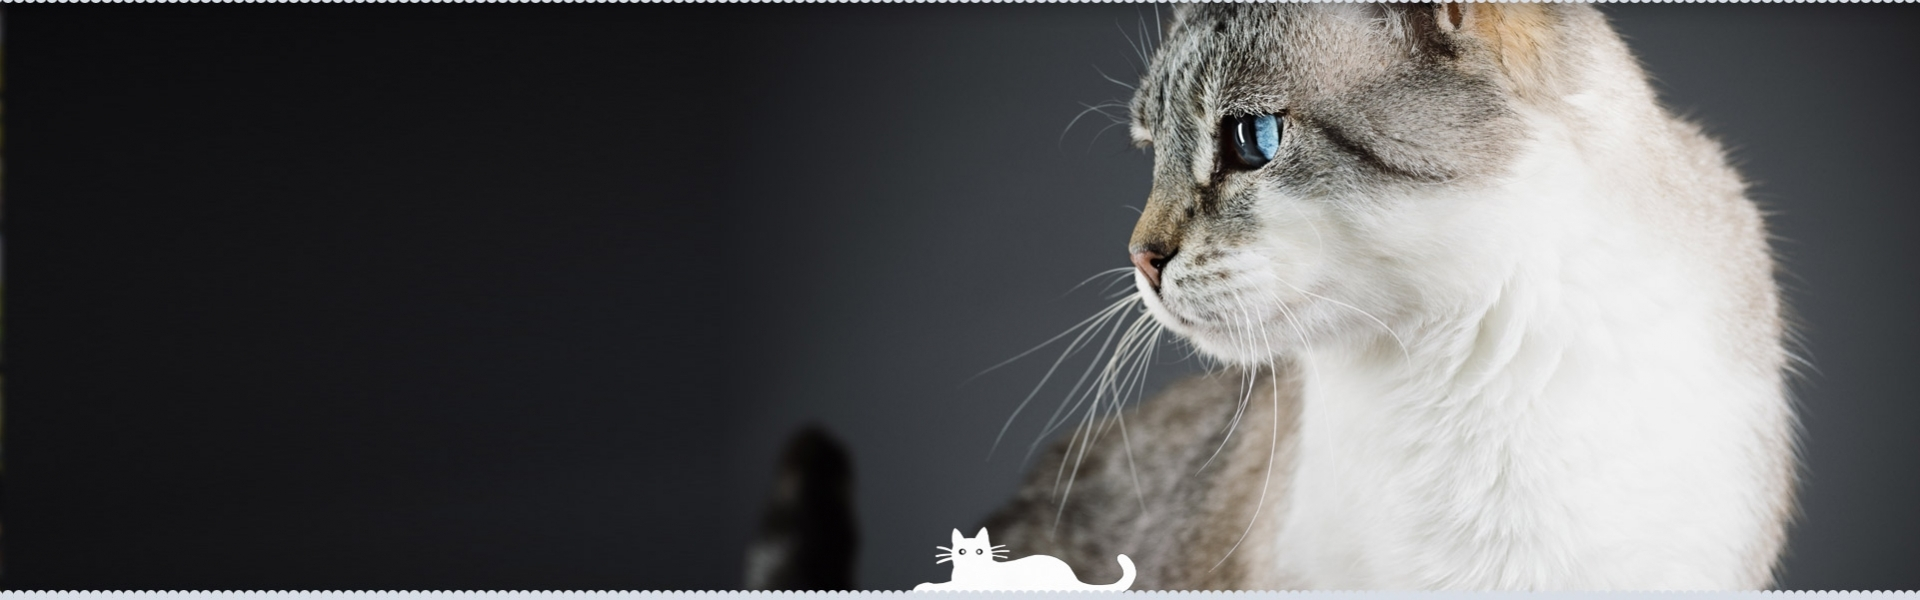 Happy Cats Hotel (@happycatshotel) Cover Image